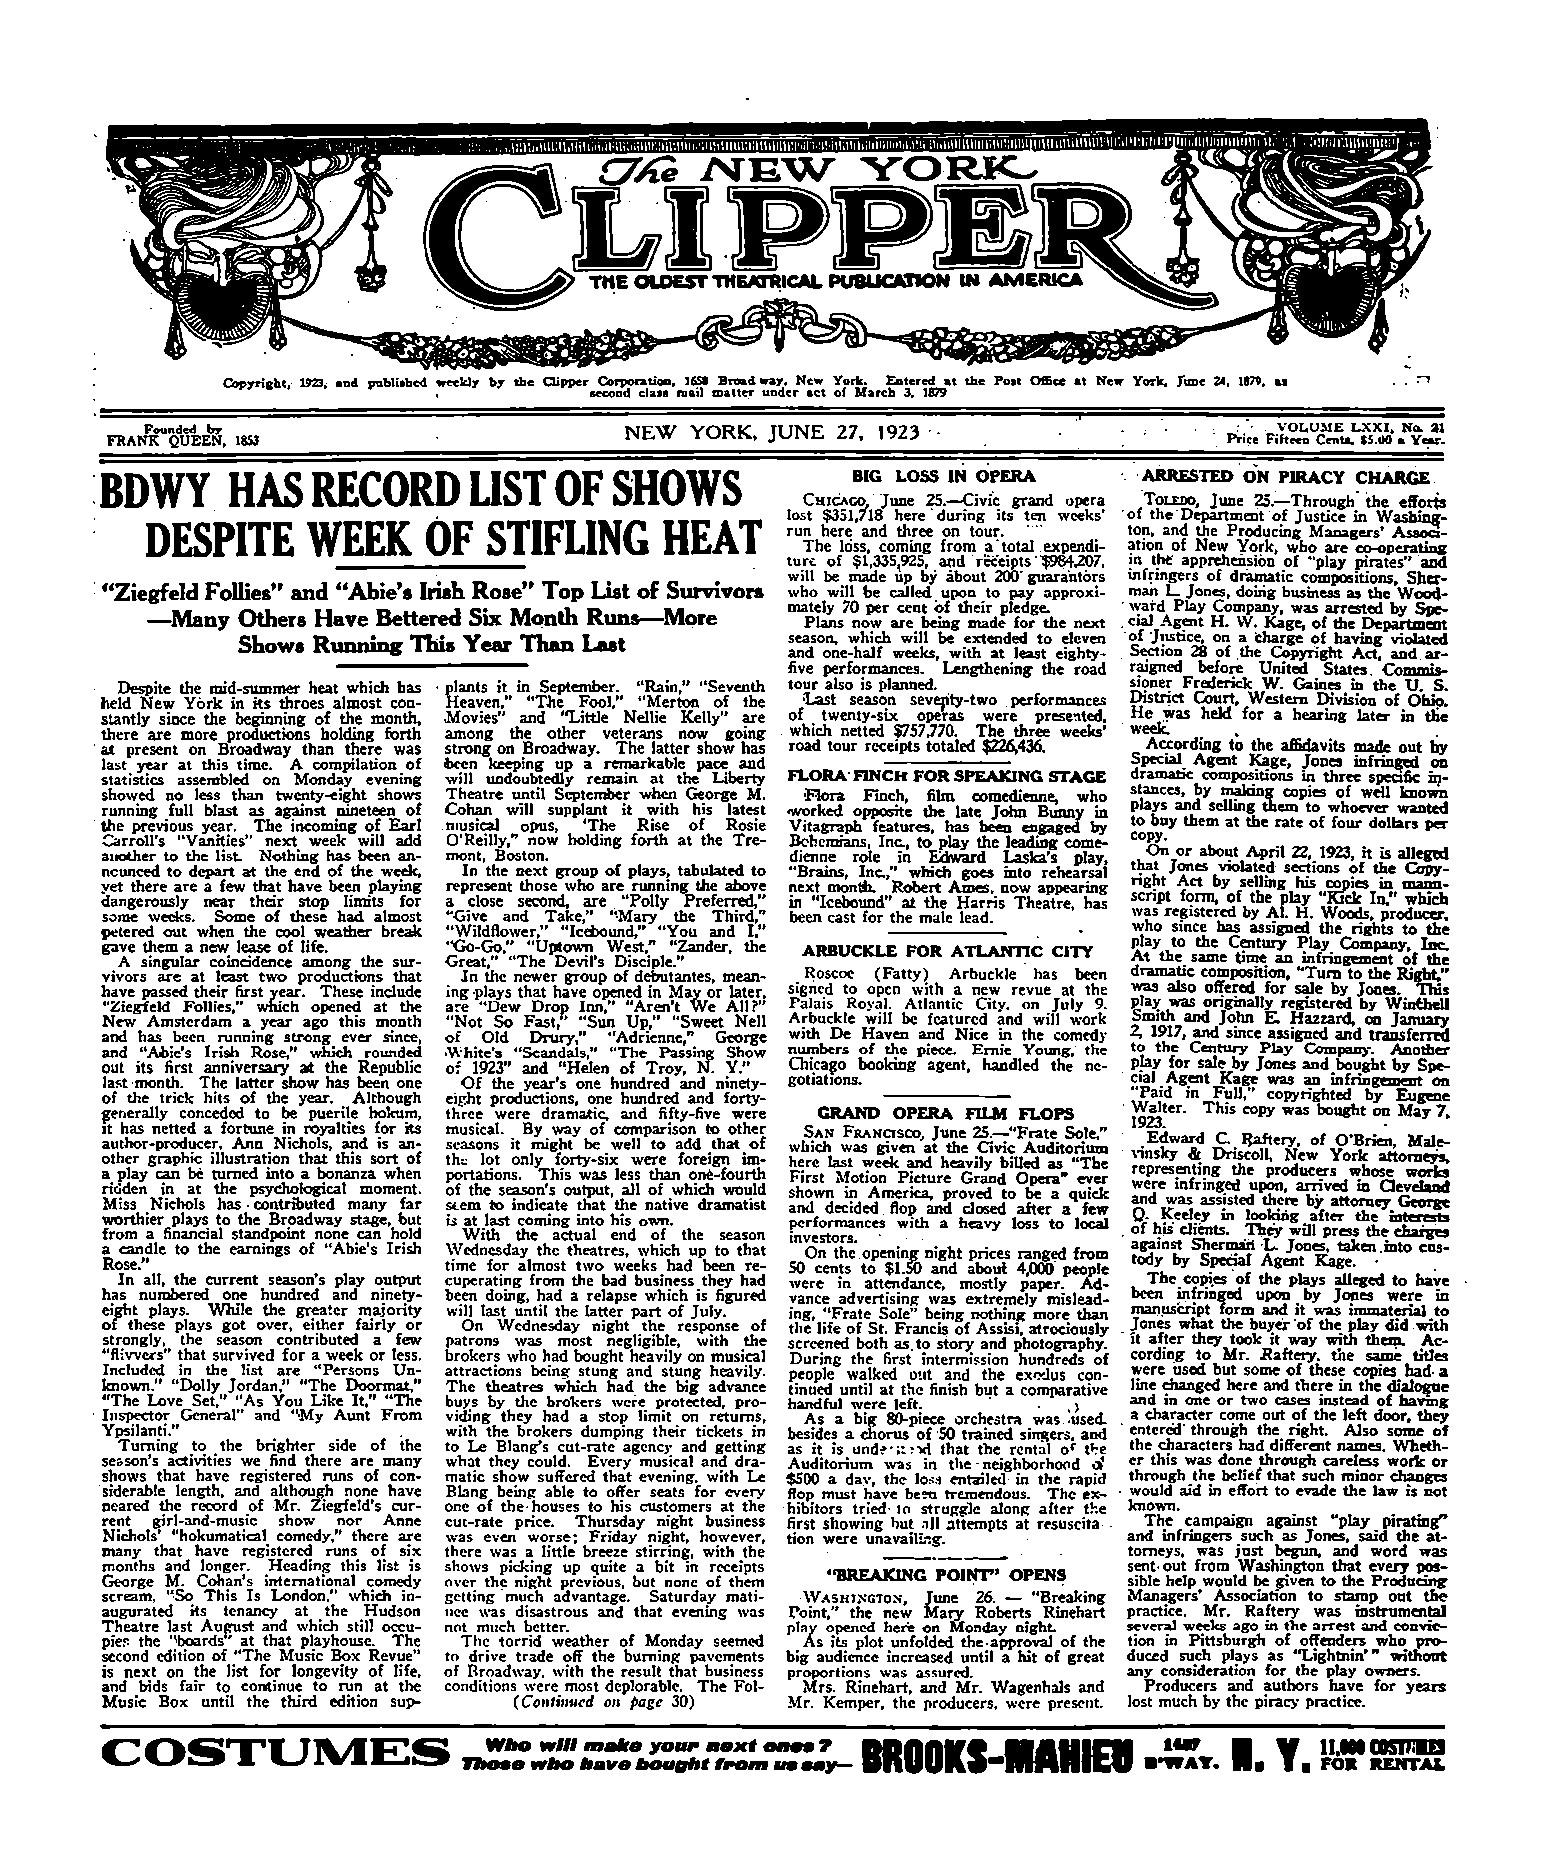 Clipper71-1923-06_jp2.zip&file=clipper71-1923-06_jp2%2fclipper71-1923-06_0034